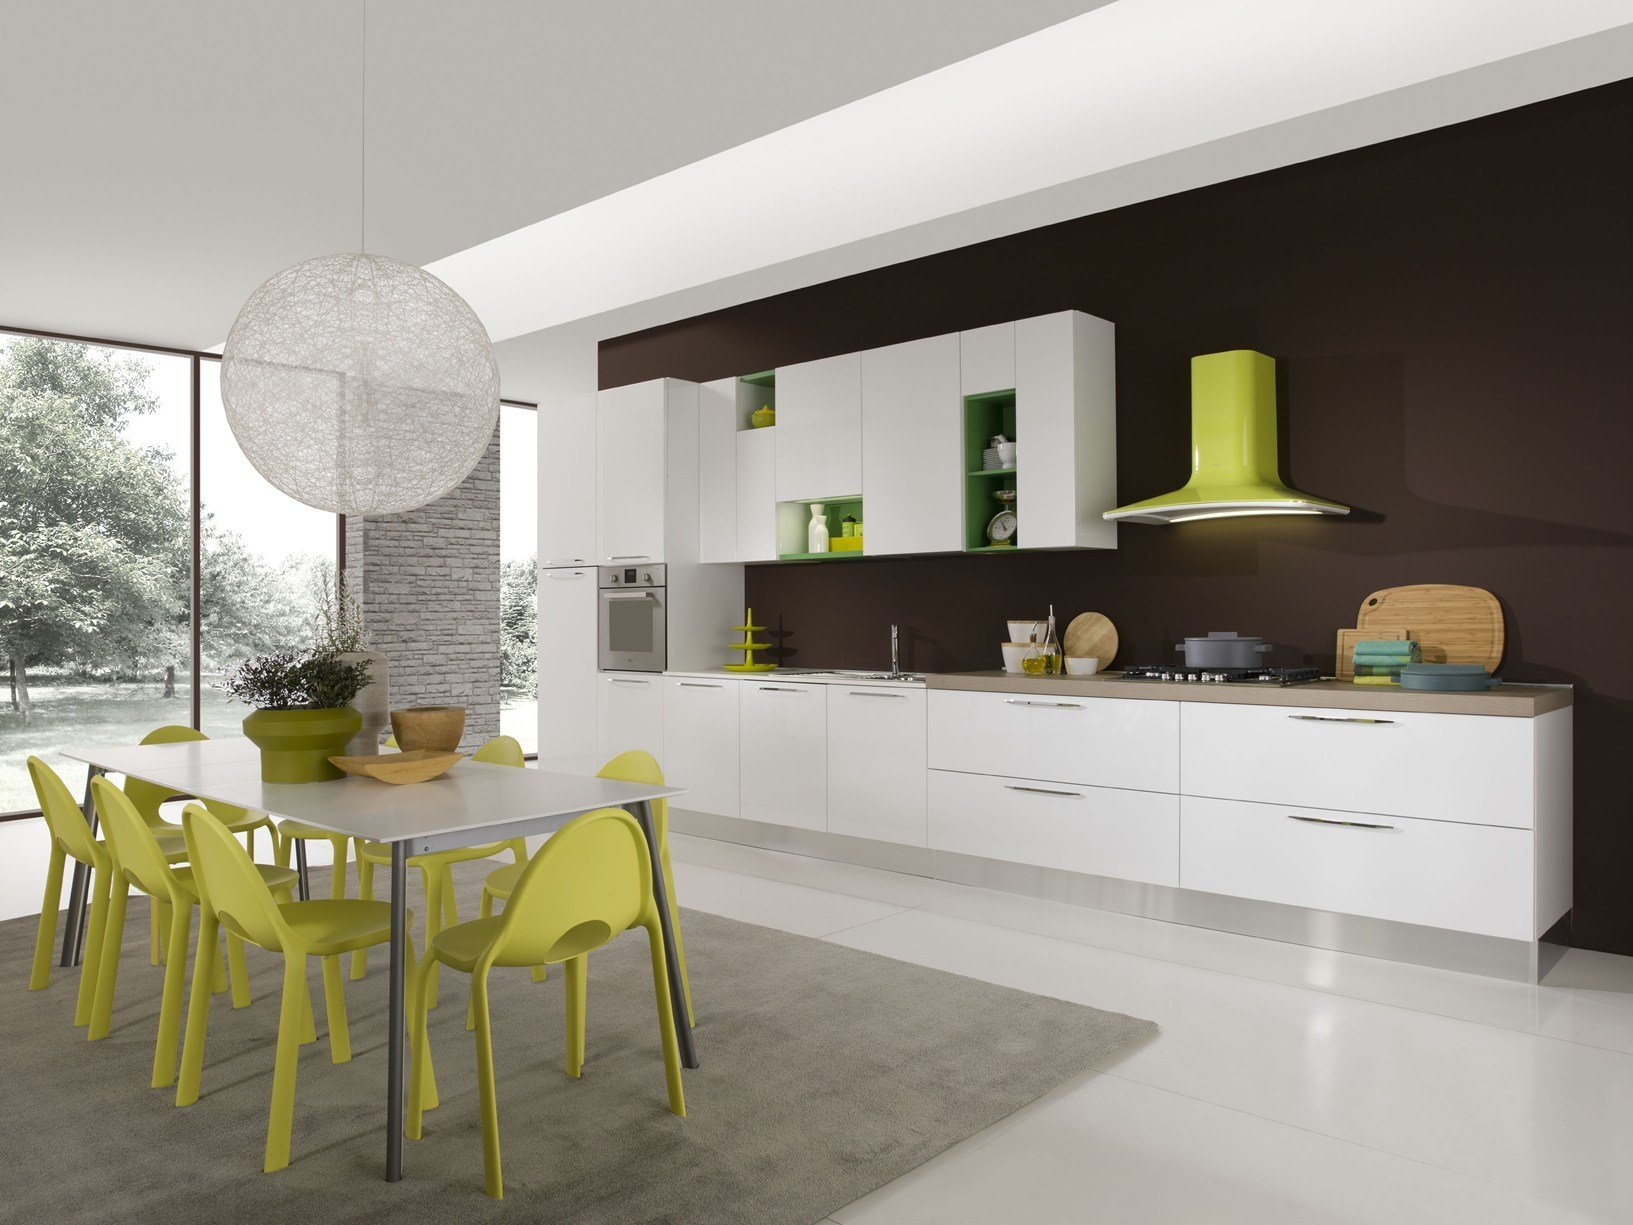 Aran cucine presenta in anteprima bella - Cucine aran prezzi ...